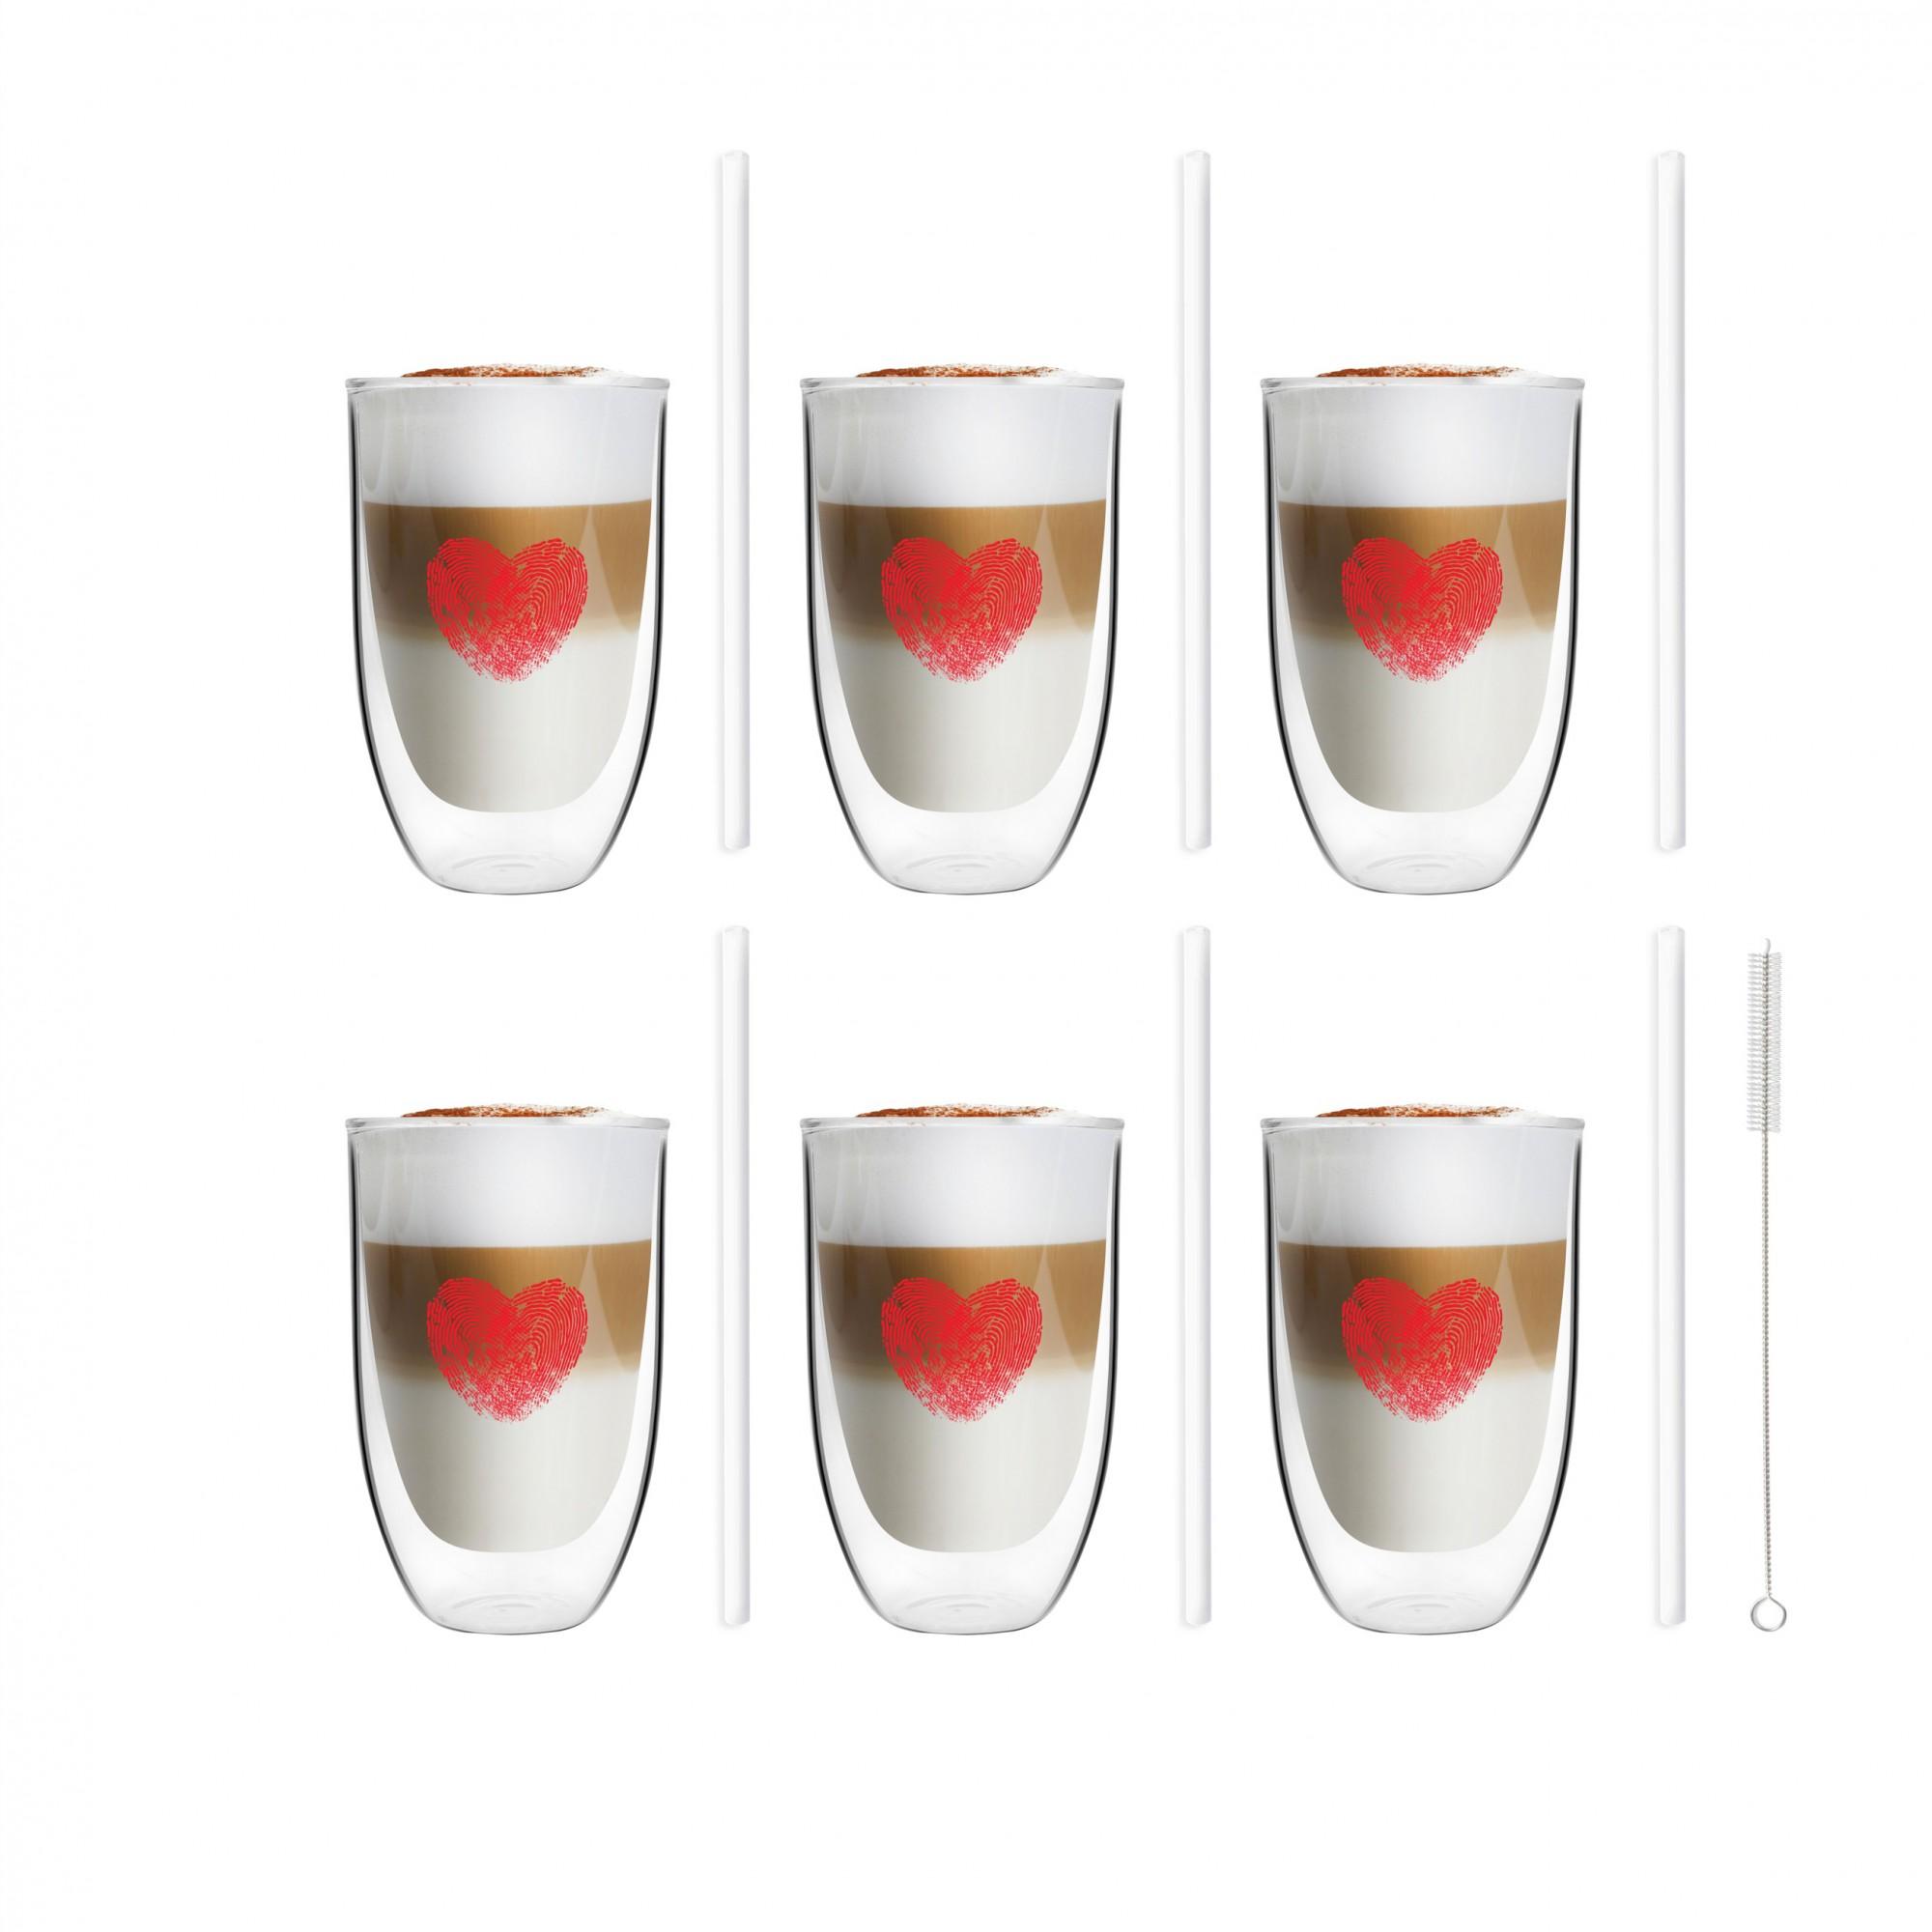 Zestaw 6 szklanek Vita Heart 300ml i 6 słomek szklanych 20cm białych 7220